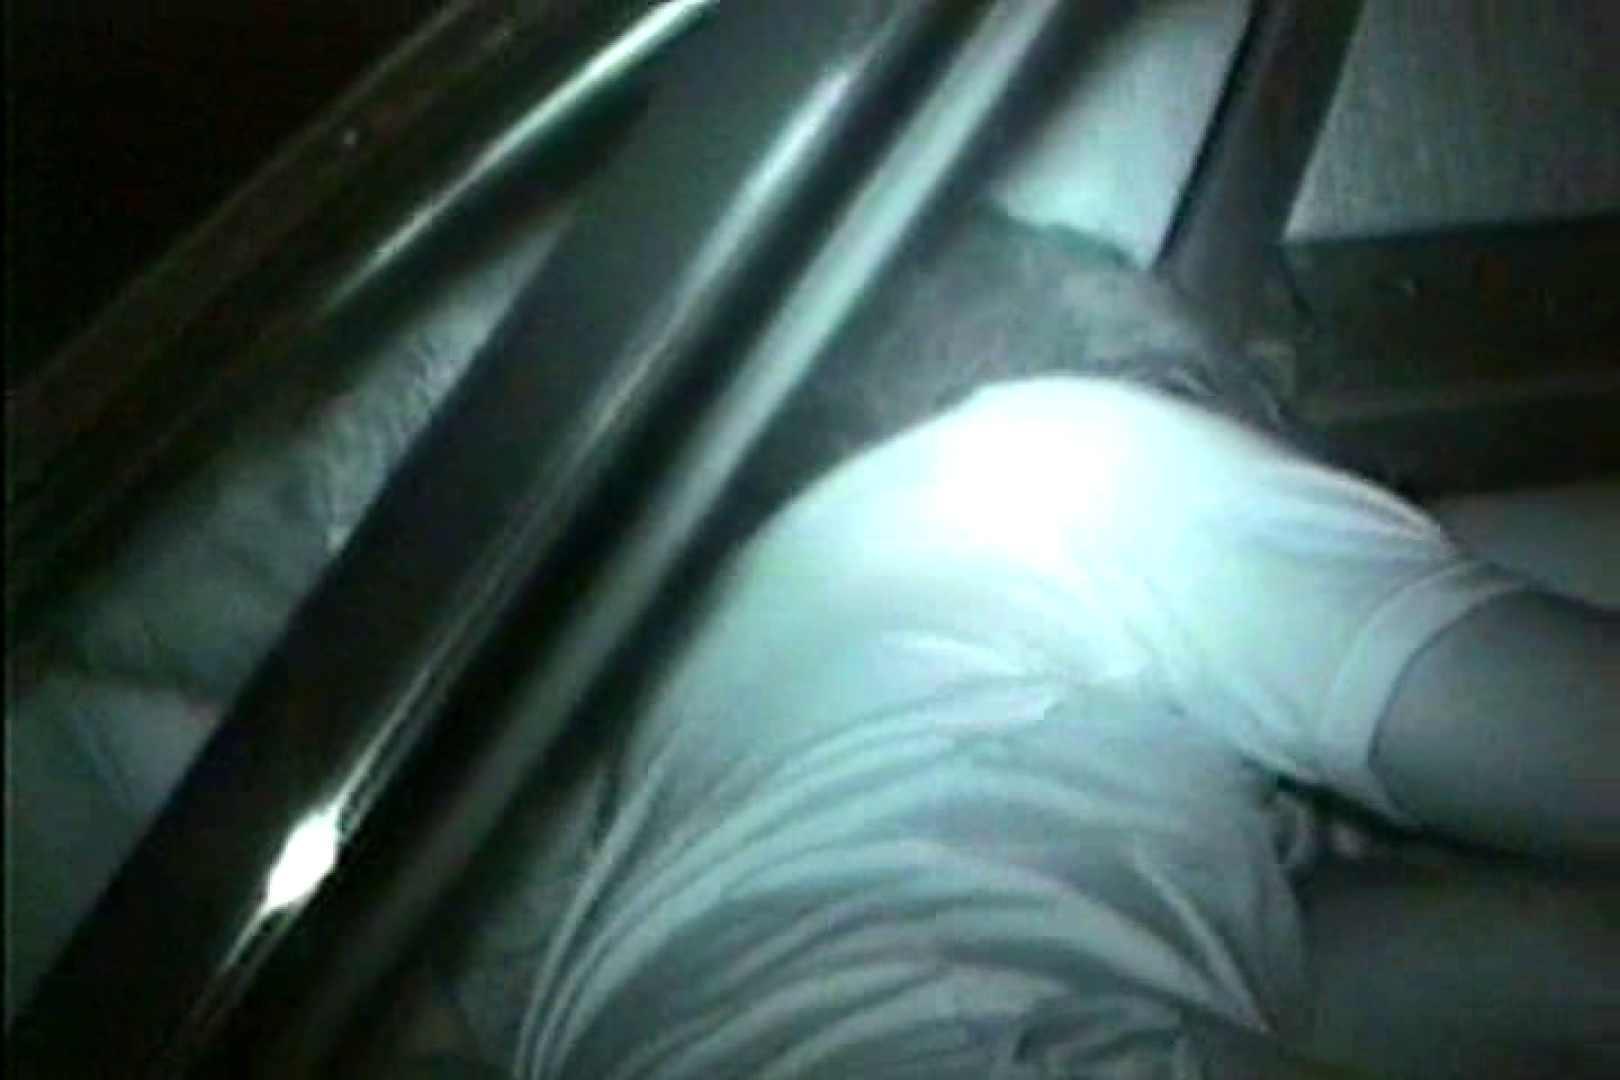 車の中はラブホテル 無修正版  Vol.6 カーセックス ワレメ動画紹介 89画像 37